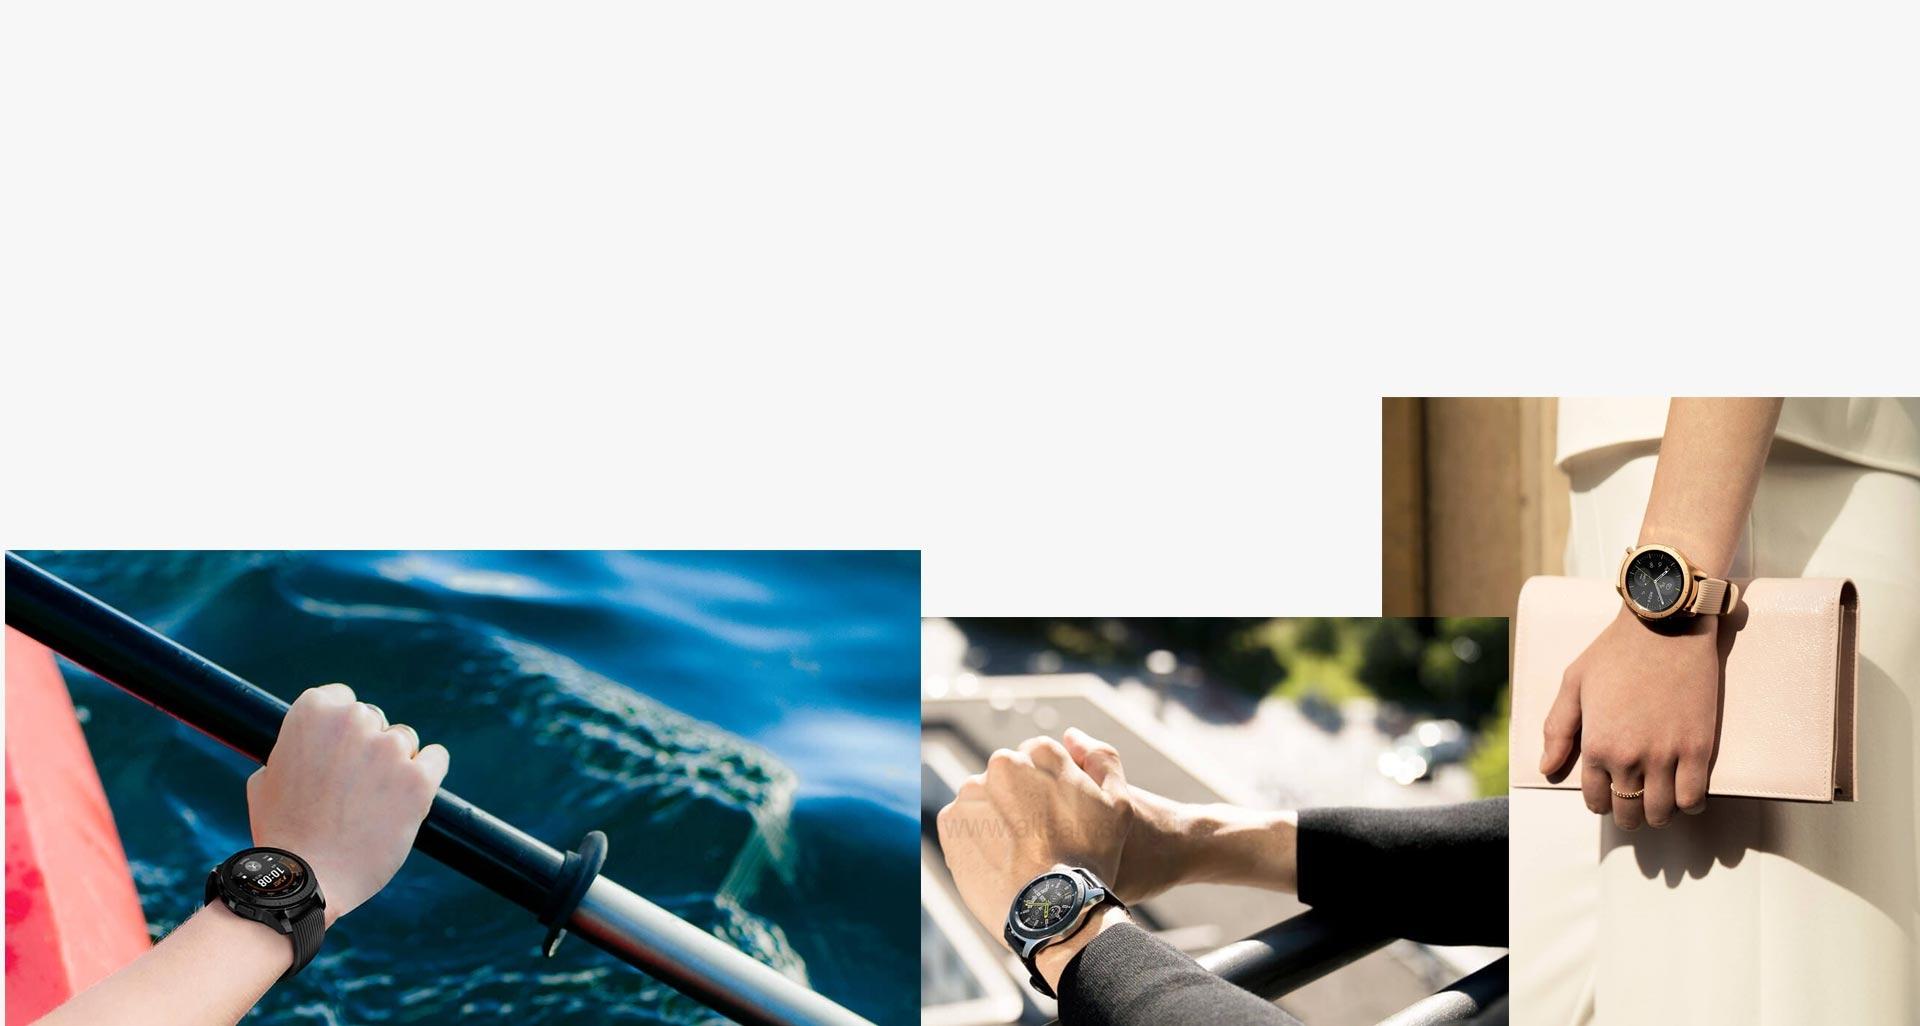 گلکسی واچ، ساعتی سازگار با سبک زندگی و استایل خاص شما